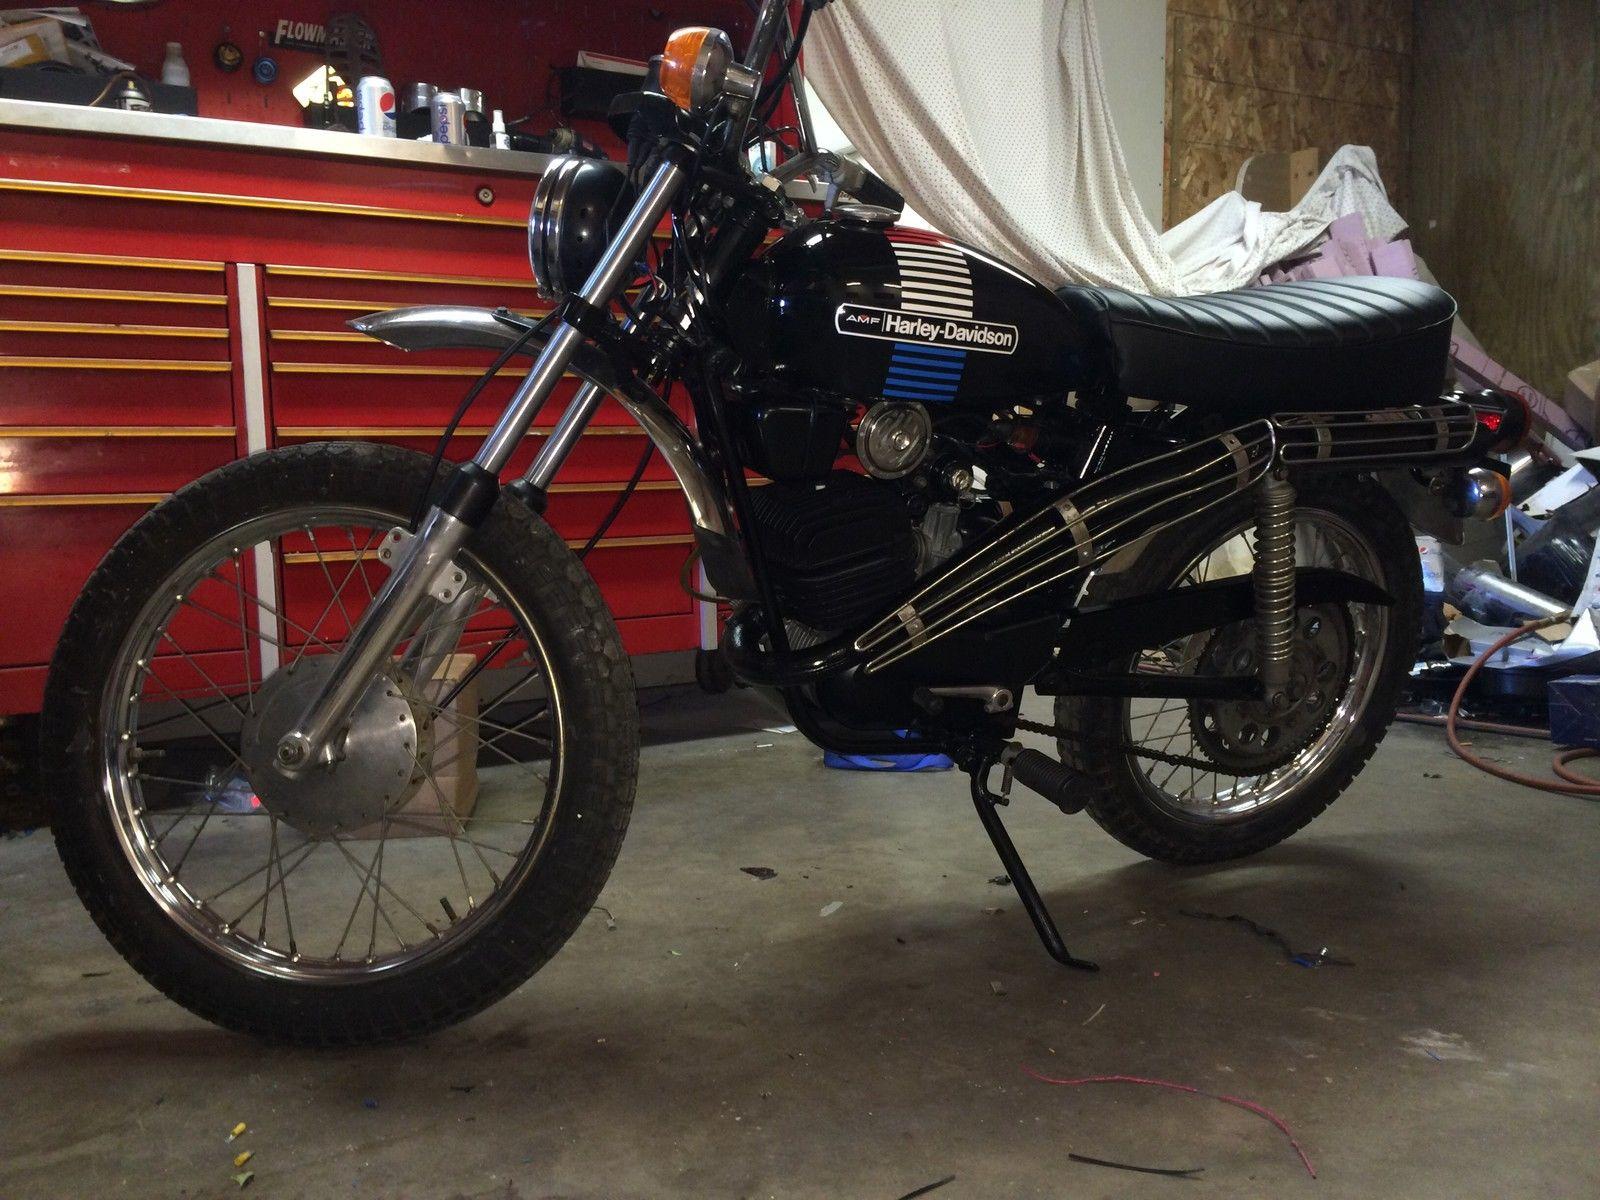 1975 harley davidson sx 125 bike urious. Black Bedroom Furniture Sets. Home Design Ideas